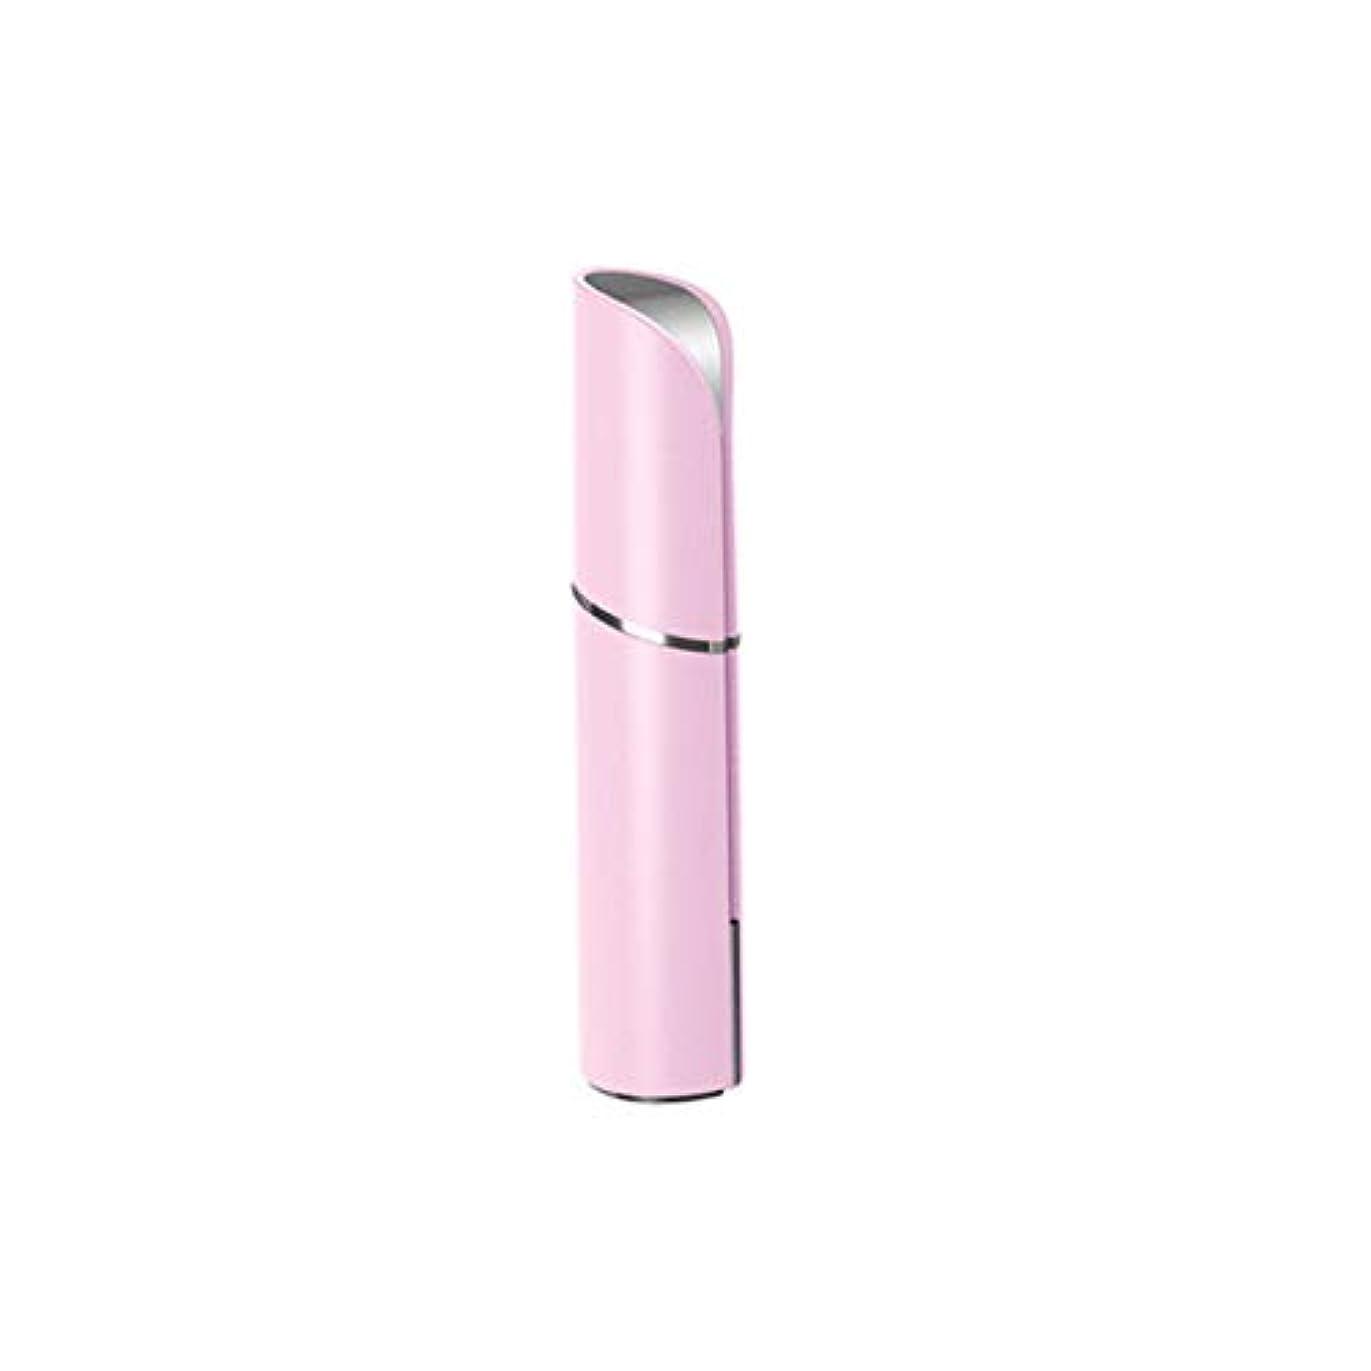 インレイキャンバス強大なマッサージャー - 黒丸アンチリンクルアイバッグ美容機器アーティファクト女性に行く (Color : Pink)